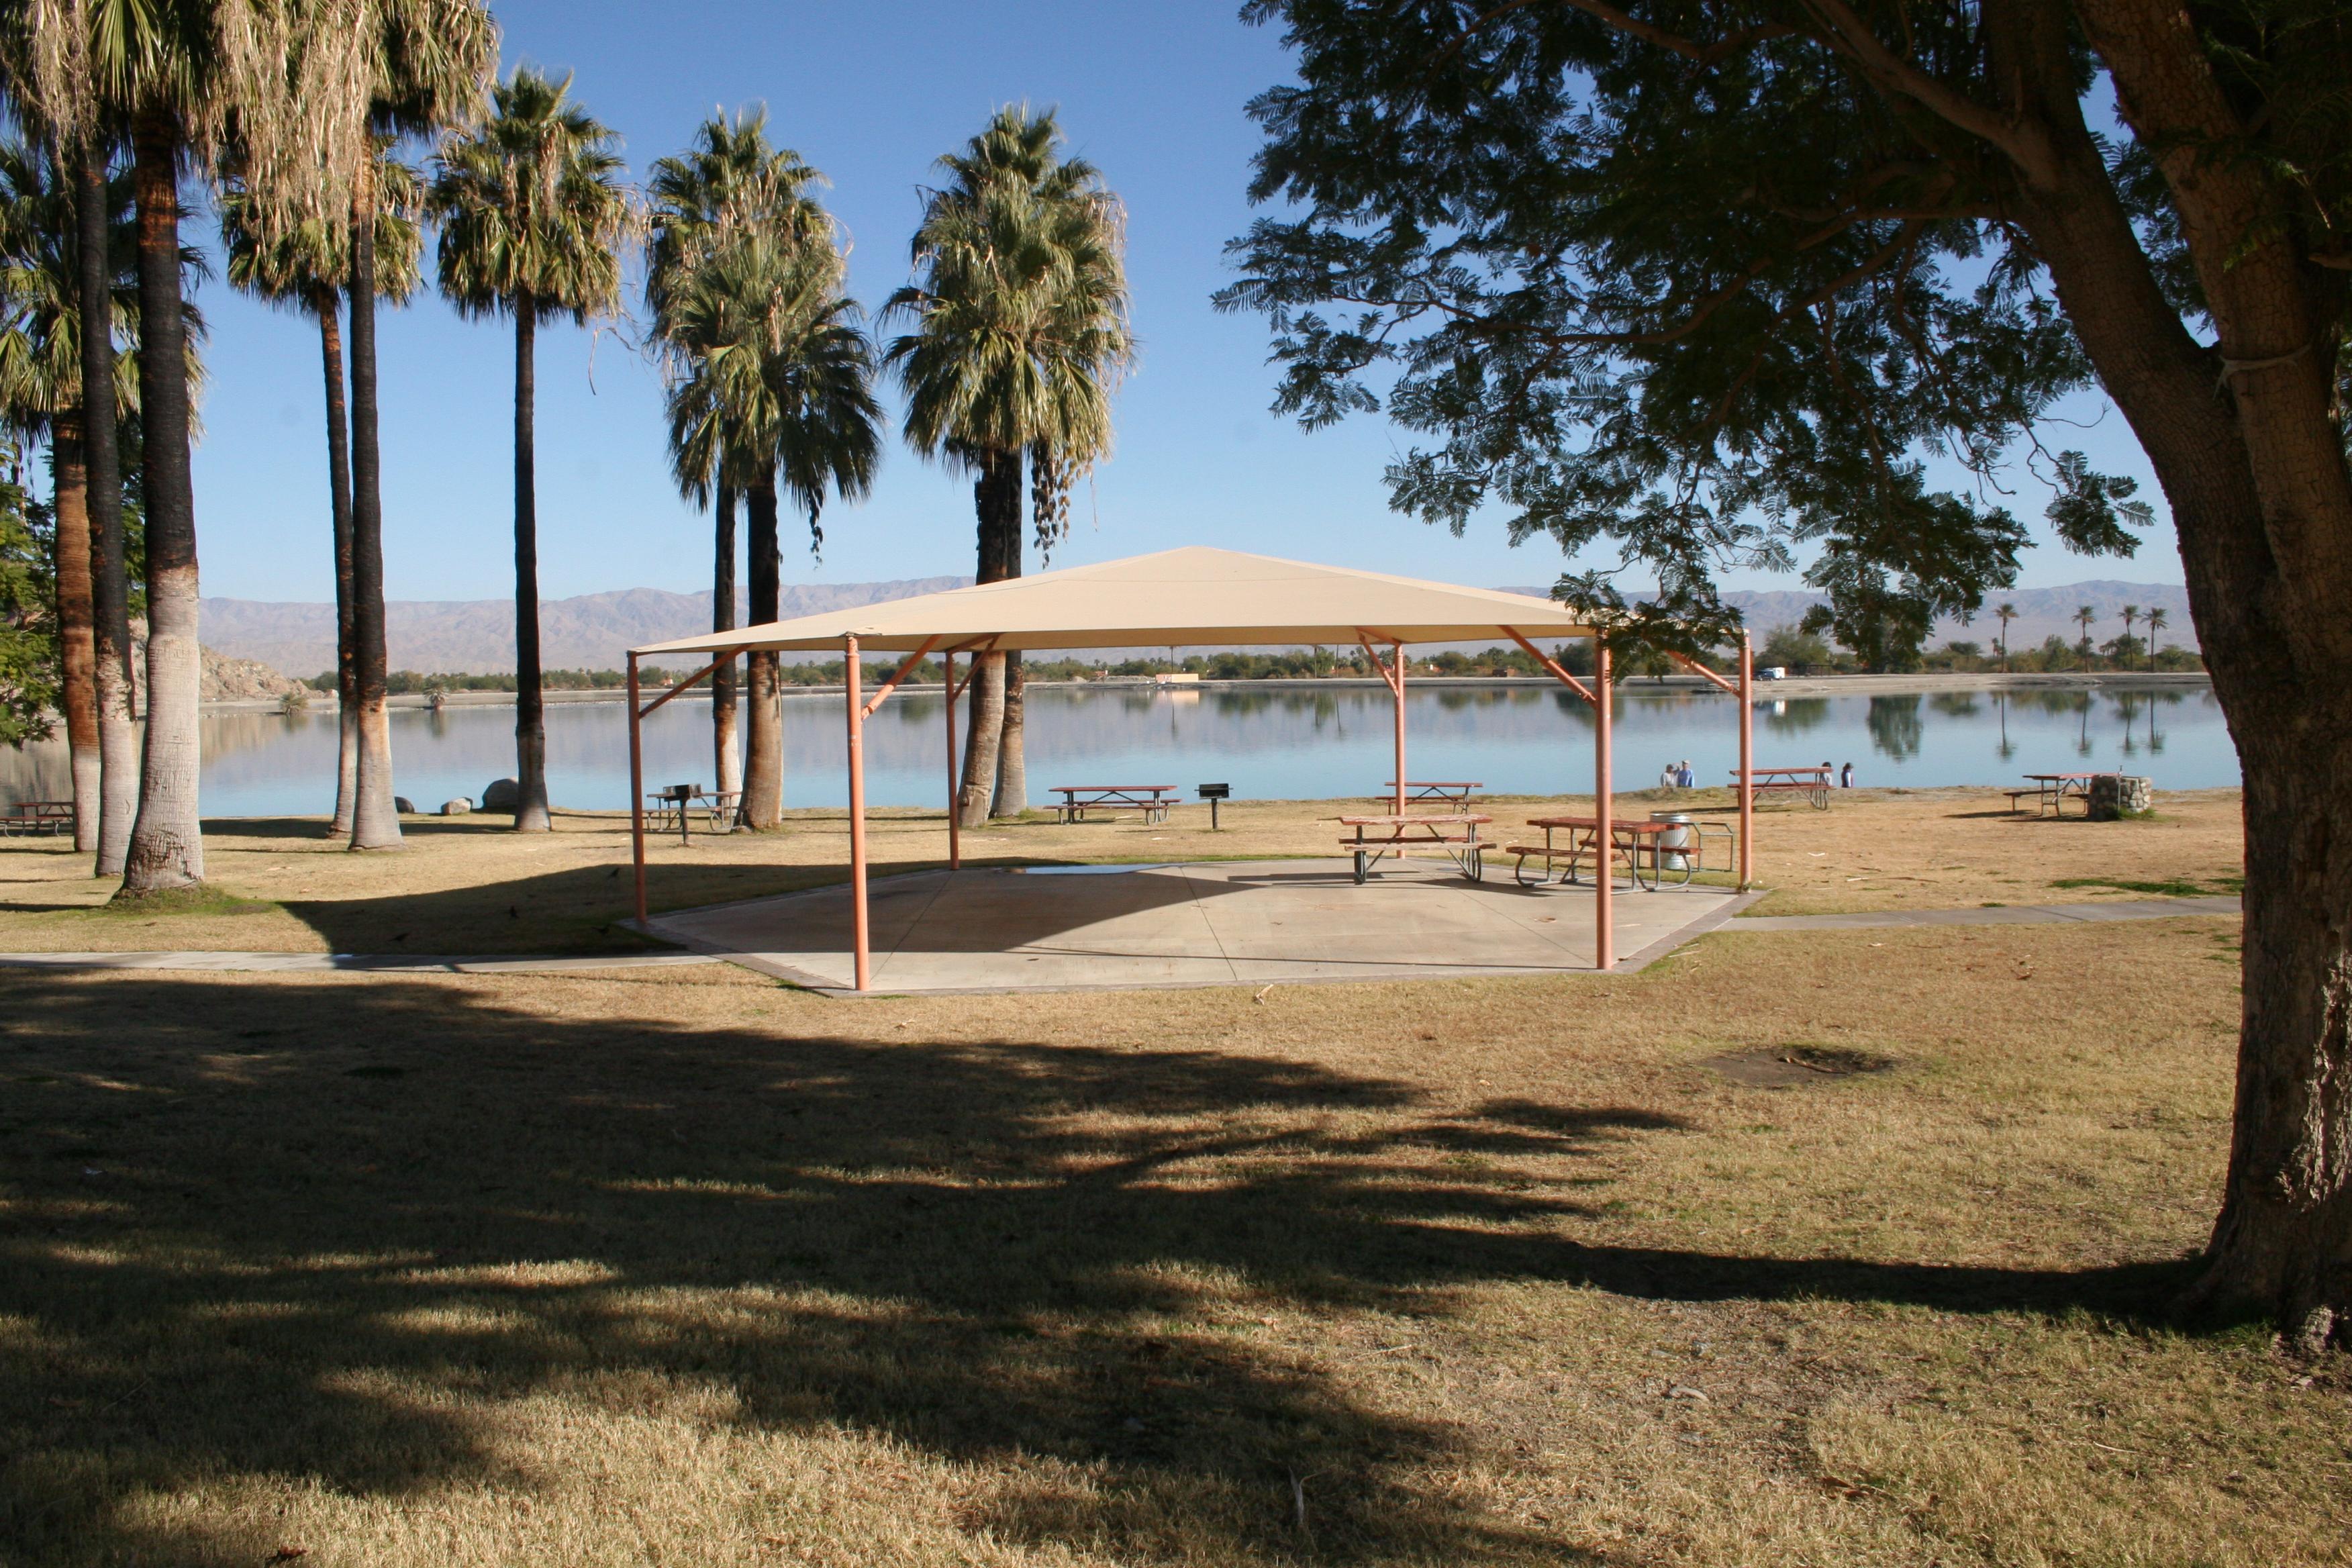 Picnic shelter at Cahuilla